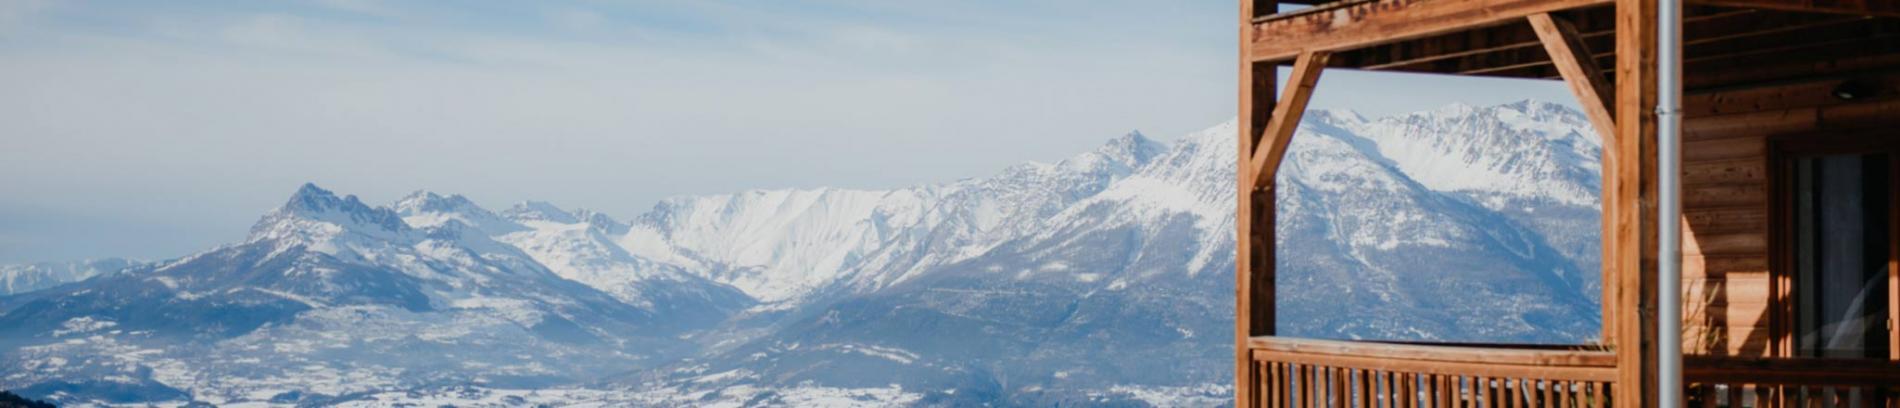 Slide vue sur le domaine skiable